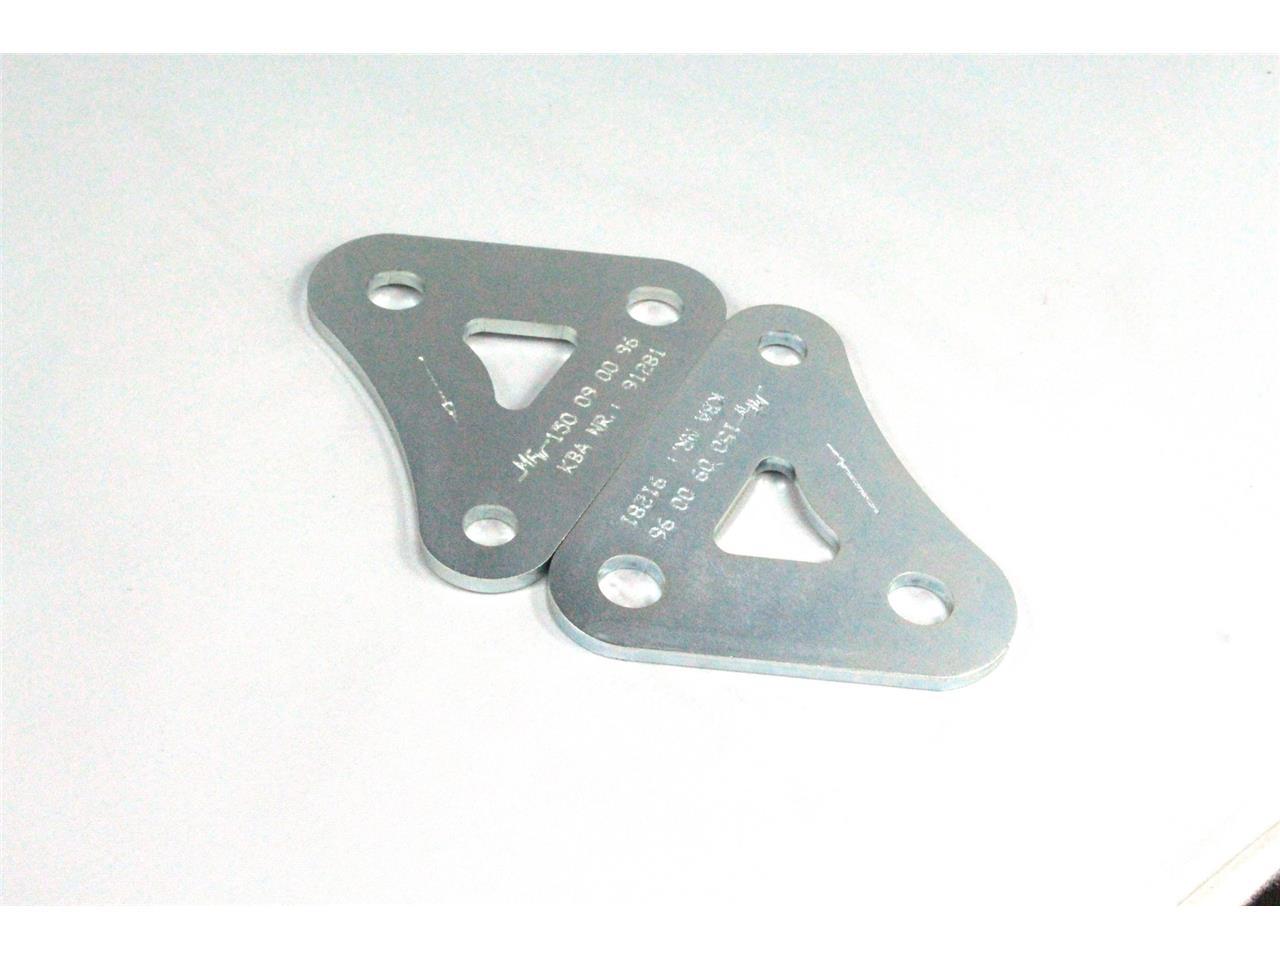 Kit rabaissement de selle -35 mm Tecnium pour Suzuki DL1000 V-Strom 14